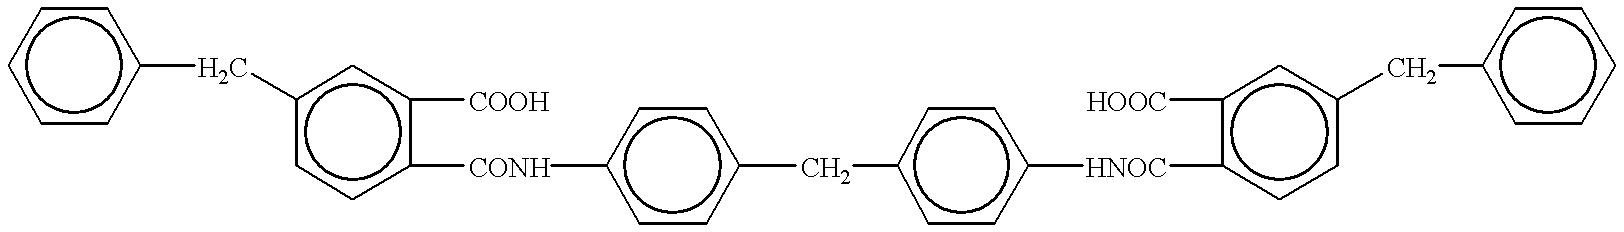 Figure US06180560-20010130-C00507